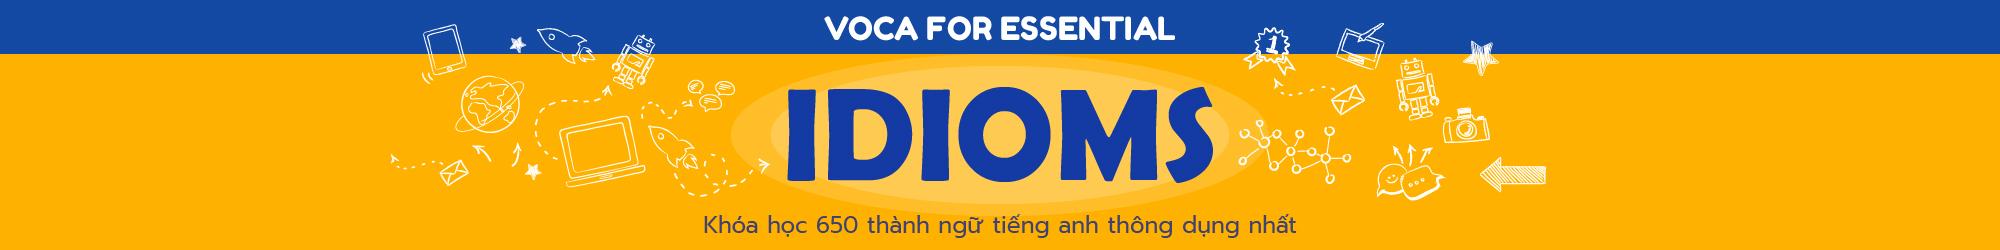 VOCA for ESSENTIAL IDIOMS